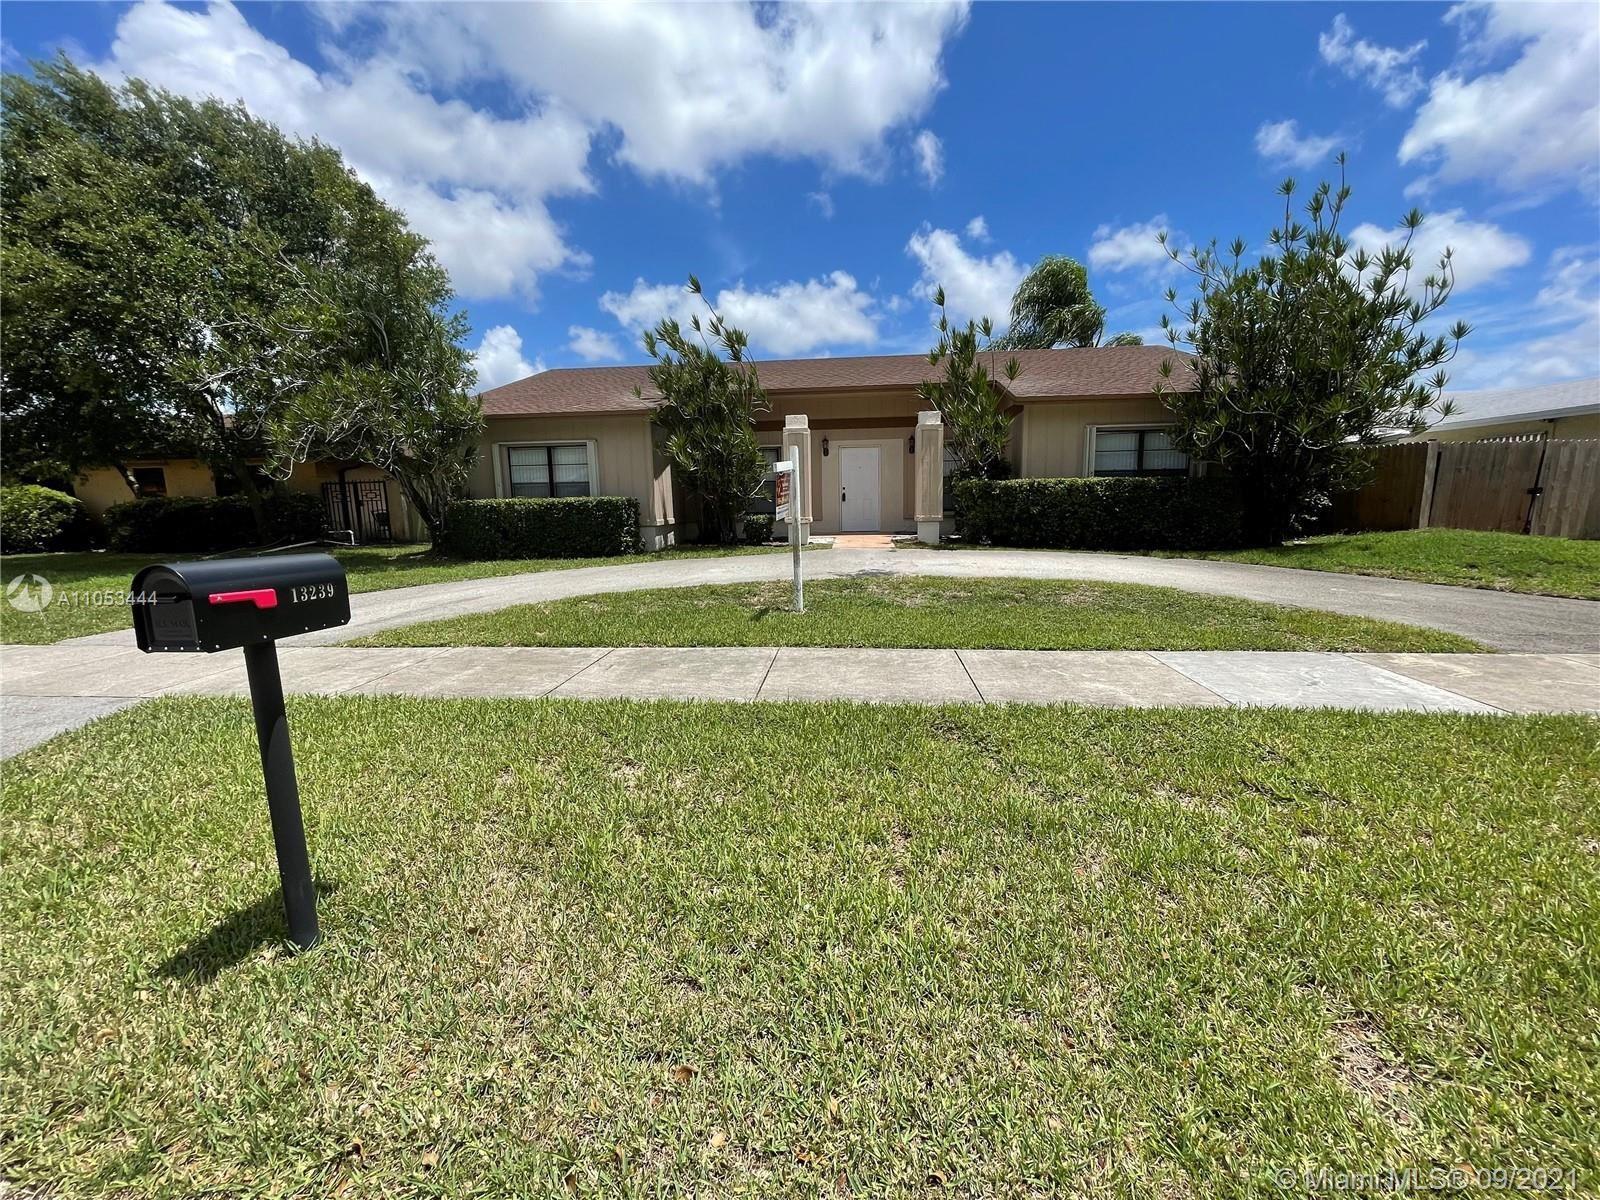 13239 SW 87th Ter, Miami, FL 33183 - #: A11053444